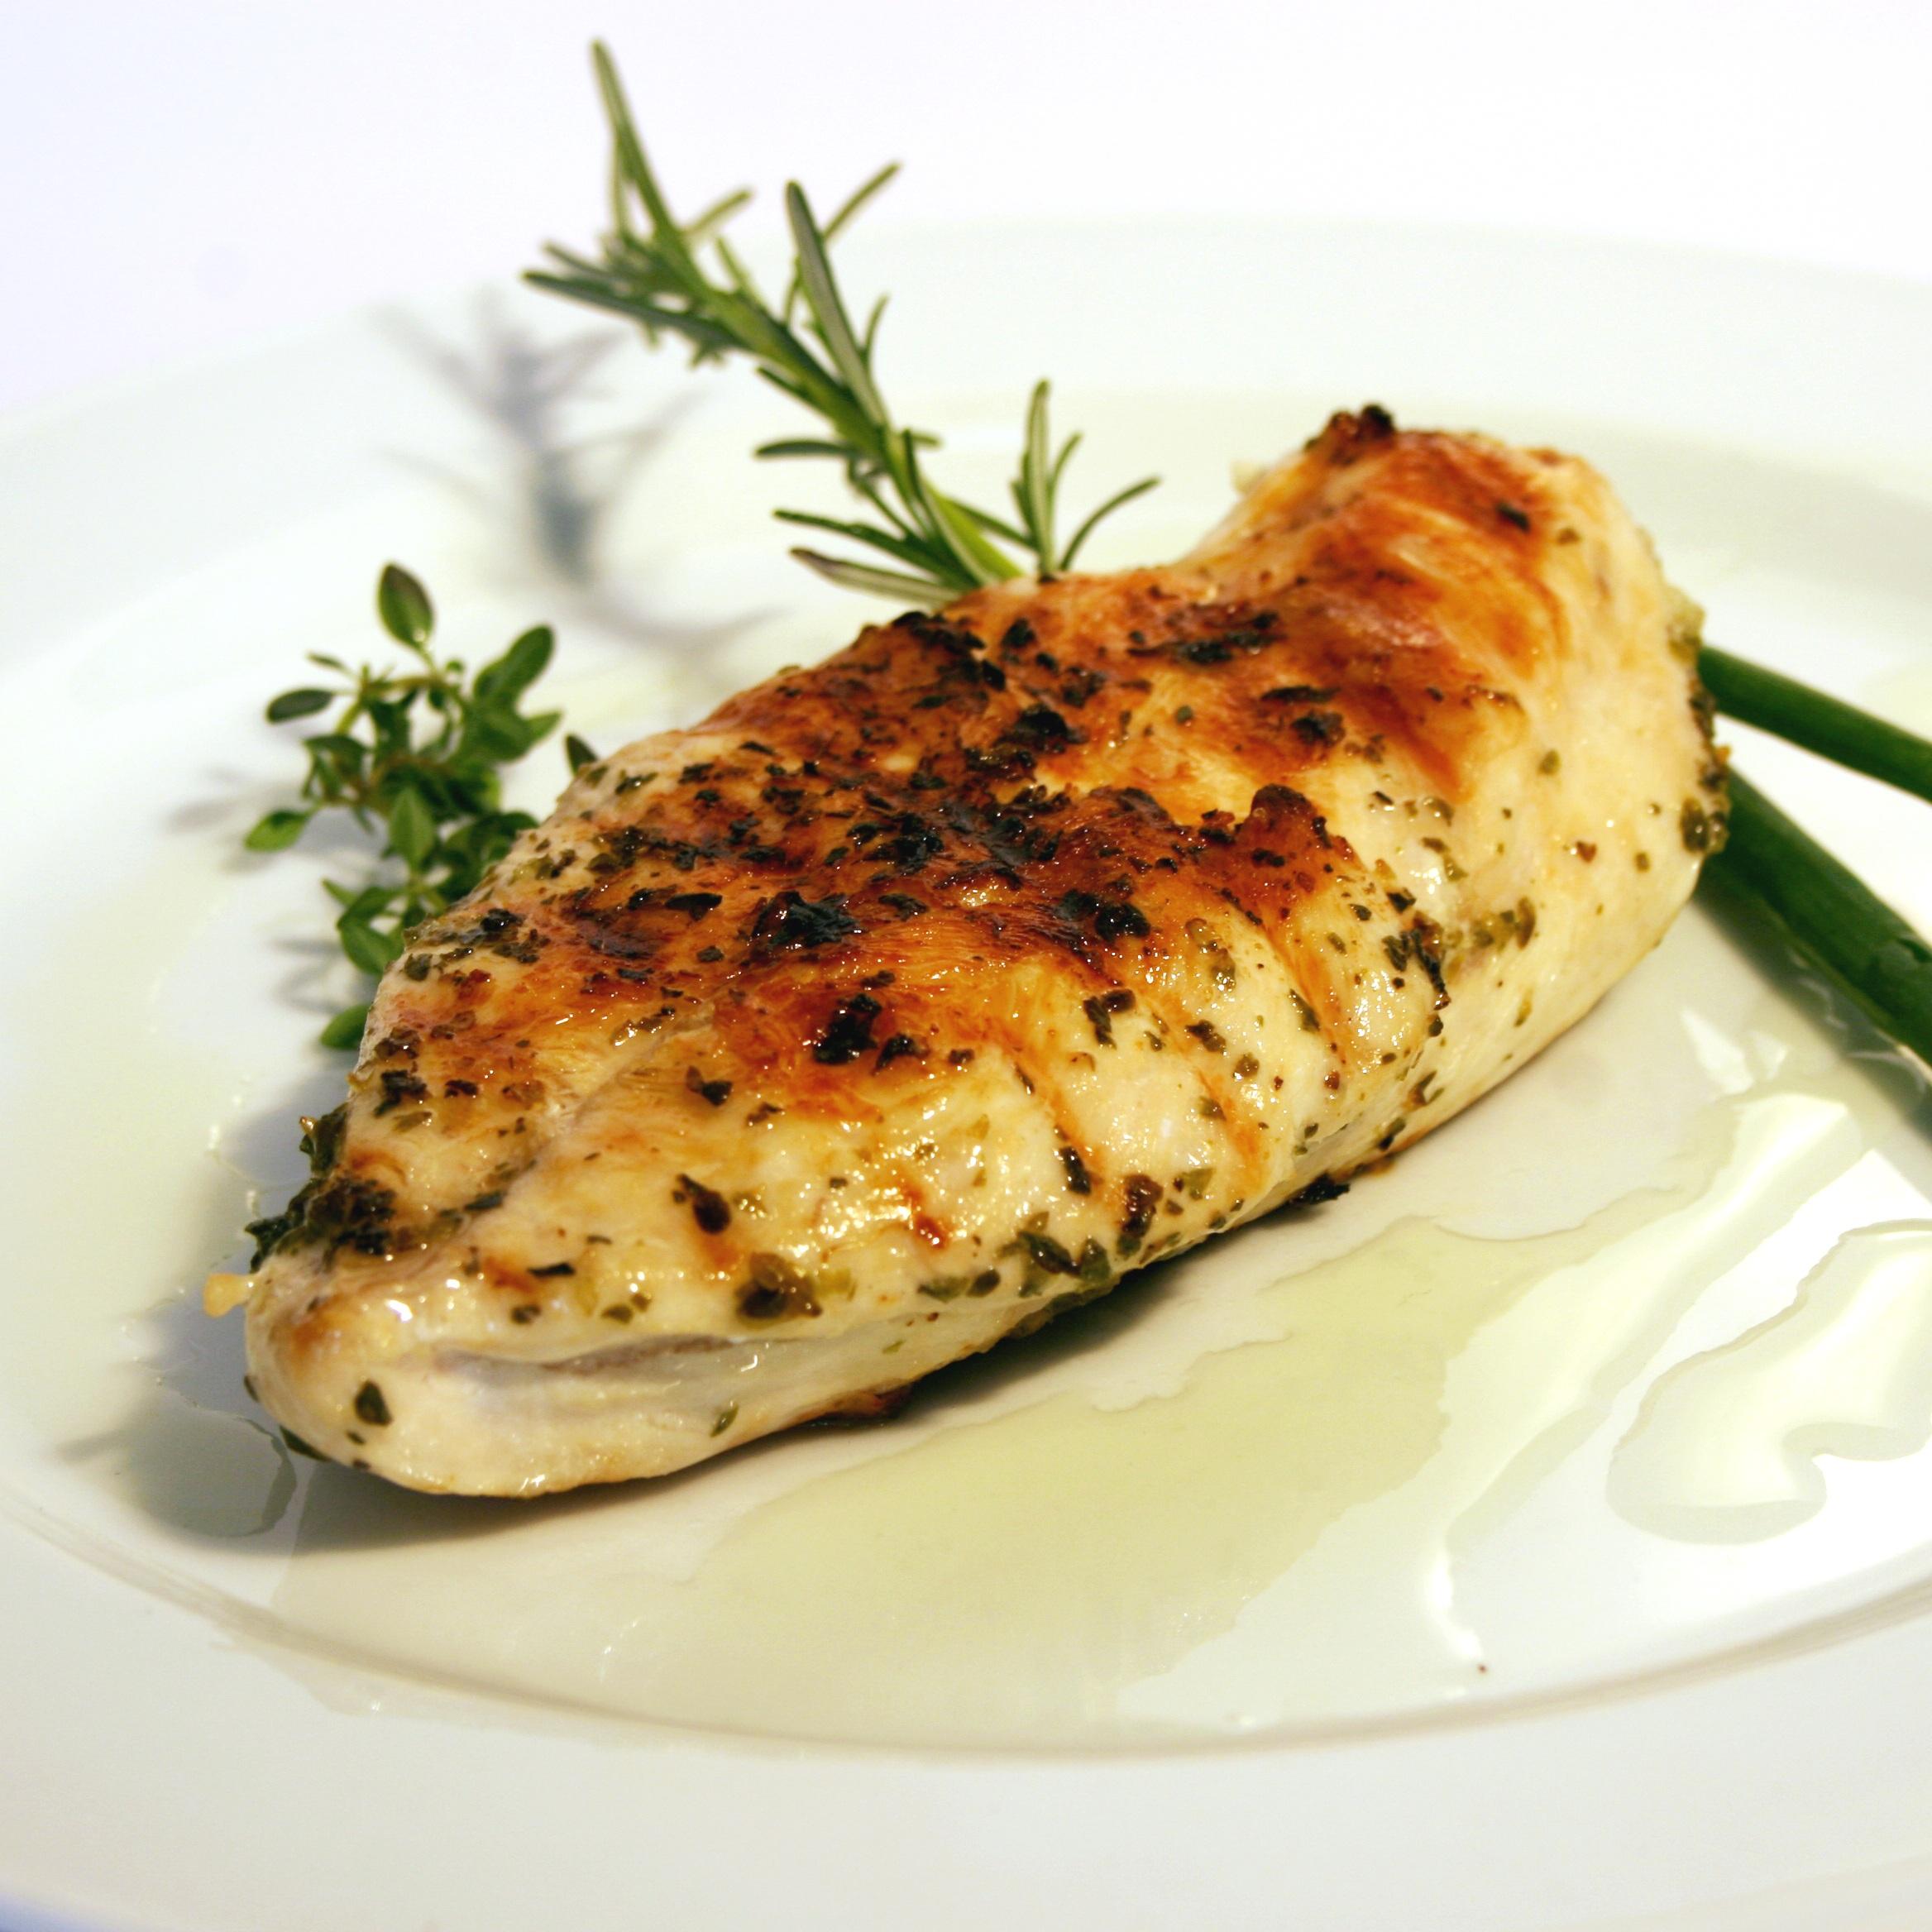 Rezepte zum Muskelaufbau: Überbackene Pouletbrust auf Gemüse